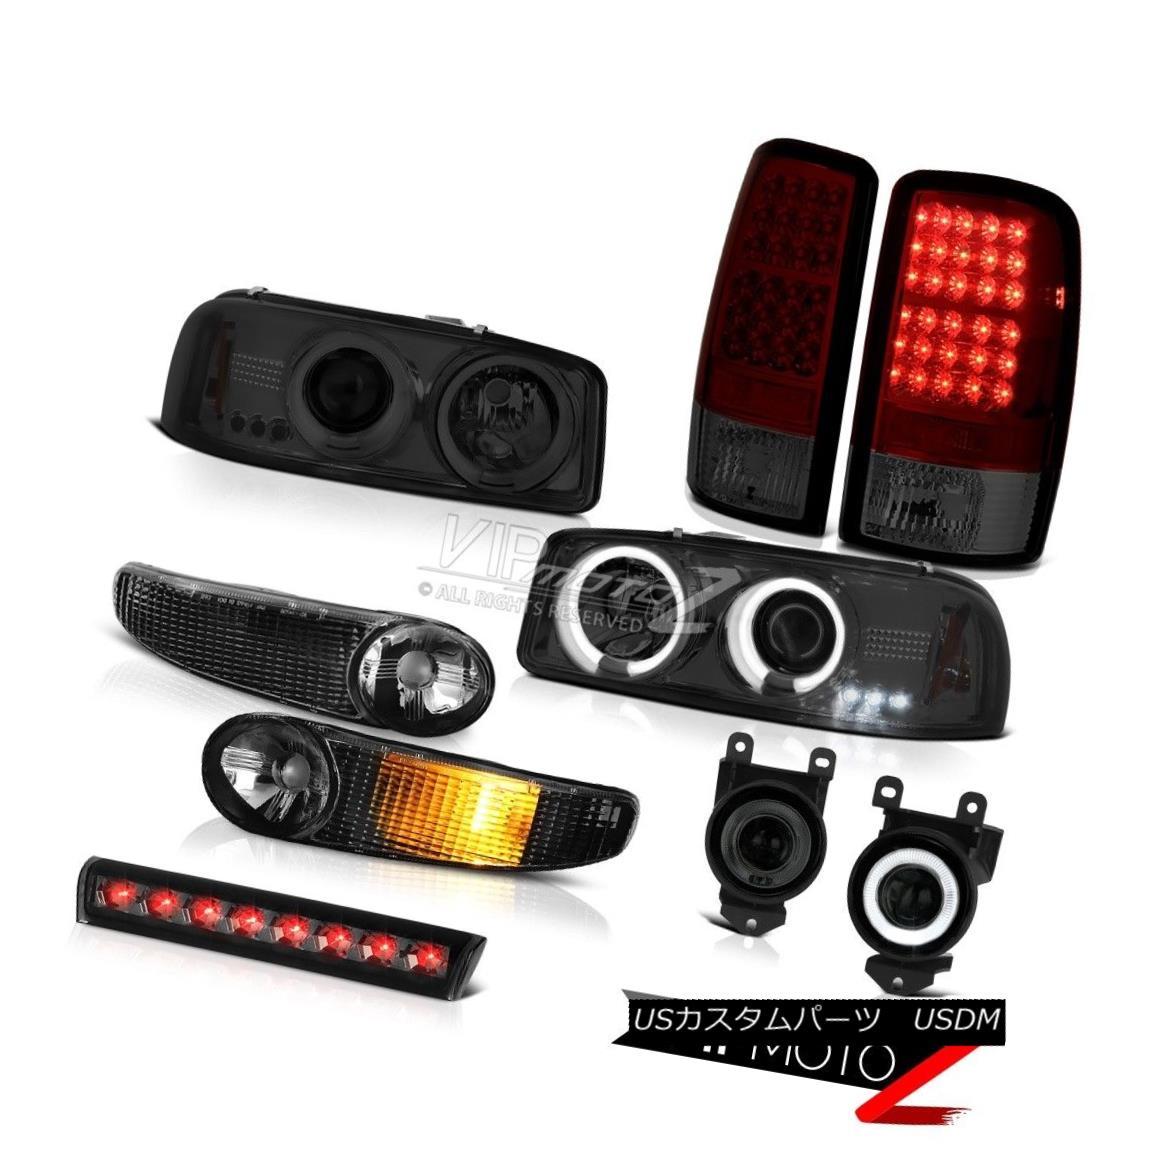 ヘッドライト Tinted CCFL DRL Halo Headlight LED Rear Brake Light Bumper FogLights 01-06 Yukon CCFL DRL HaloヘッドライトLEDリアブレーキライトバンパーFogLights 01-06ユーコン